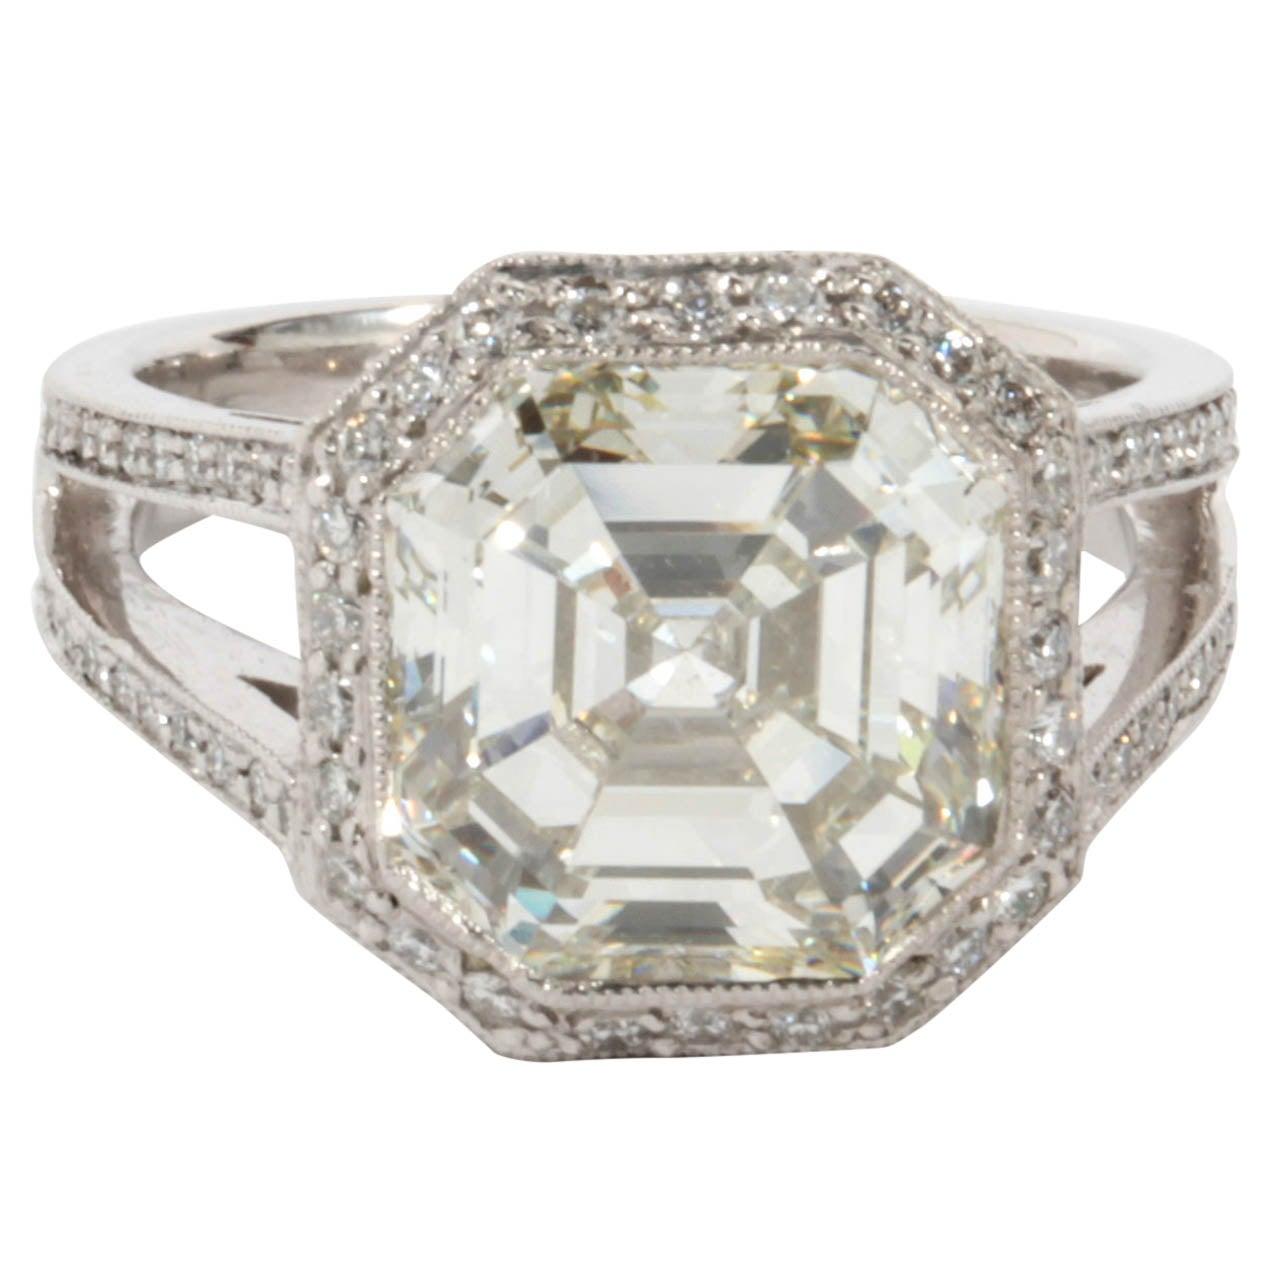 Certified 5.28 carat Asscher cut Diamond Engagement ring